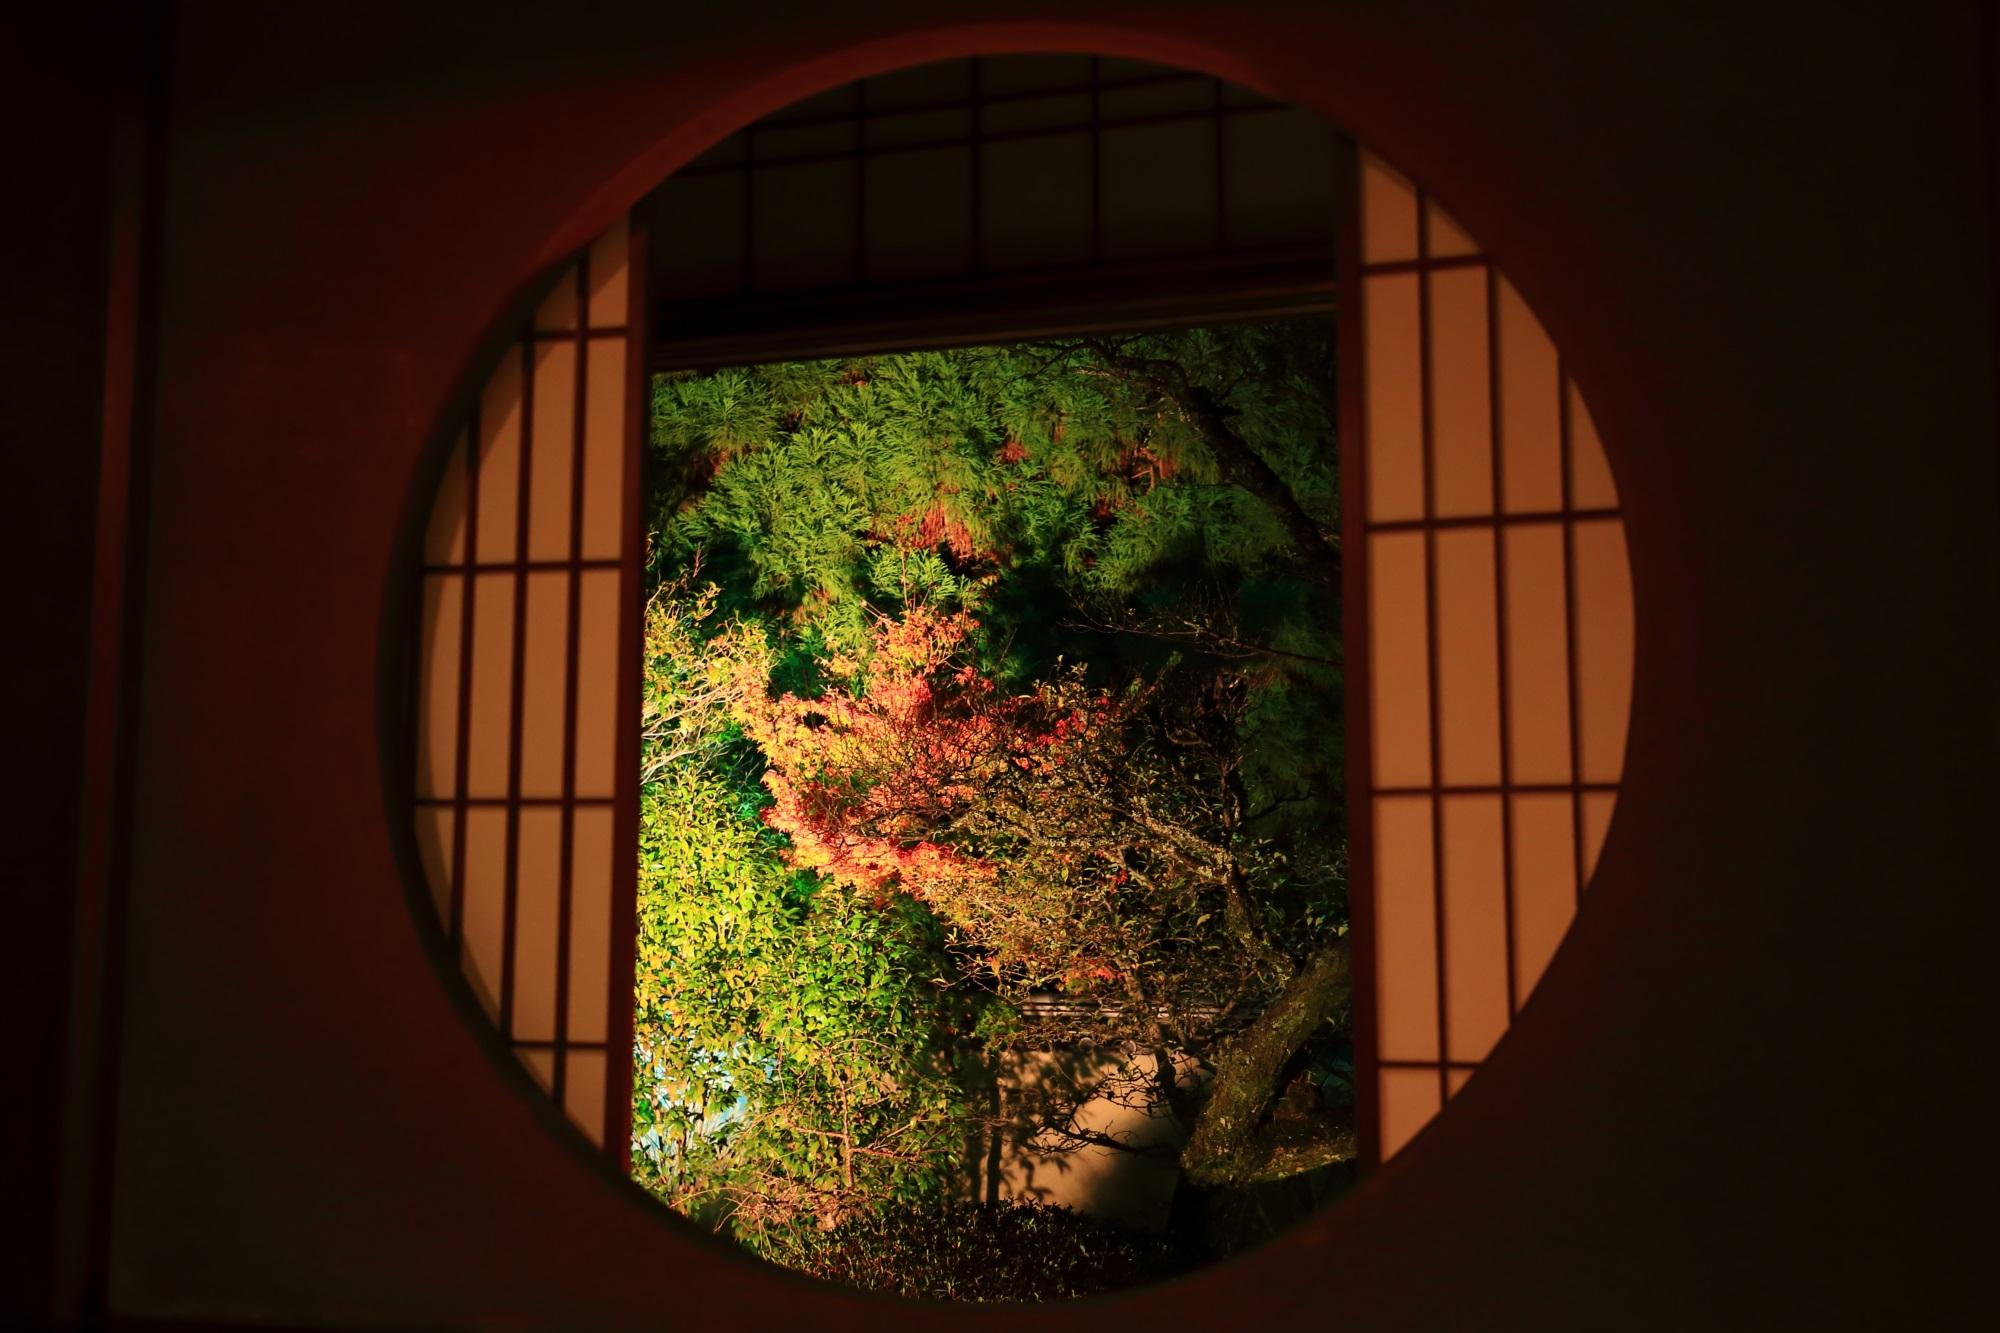 泉涌寺別院の雲龍院の悟りの窓の紅葉ライトアップ